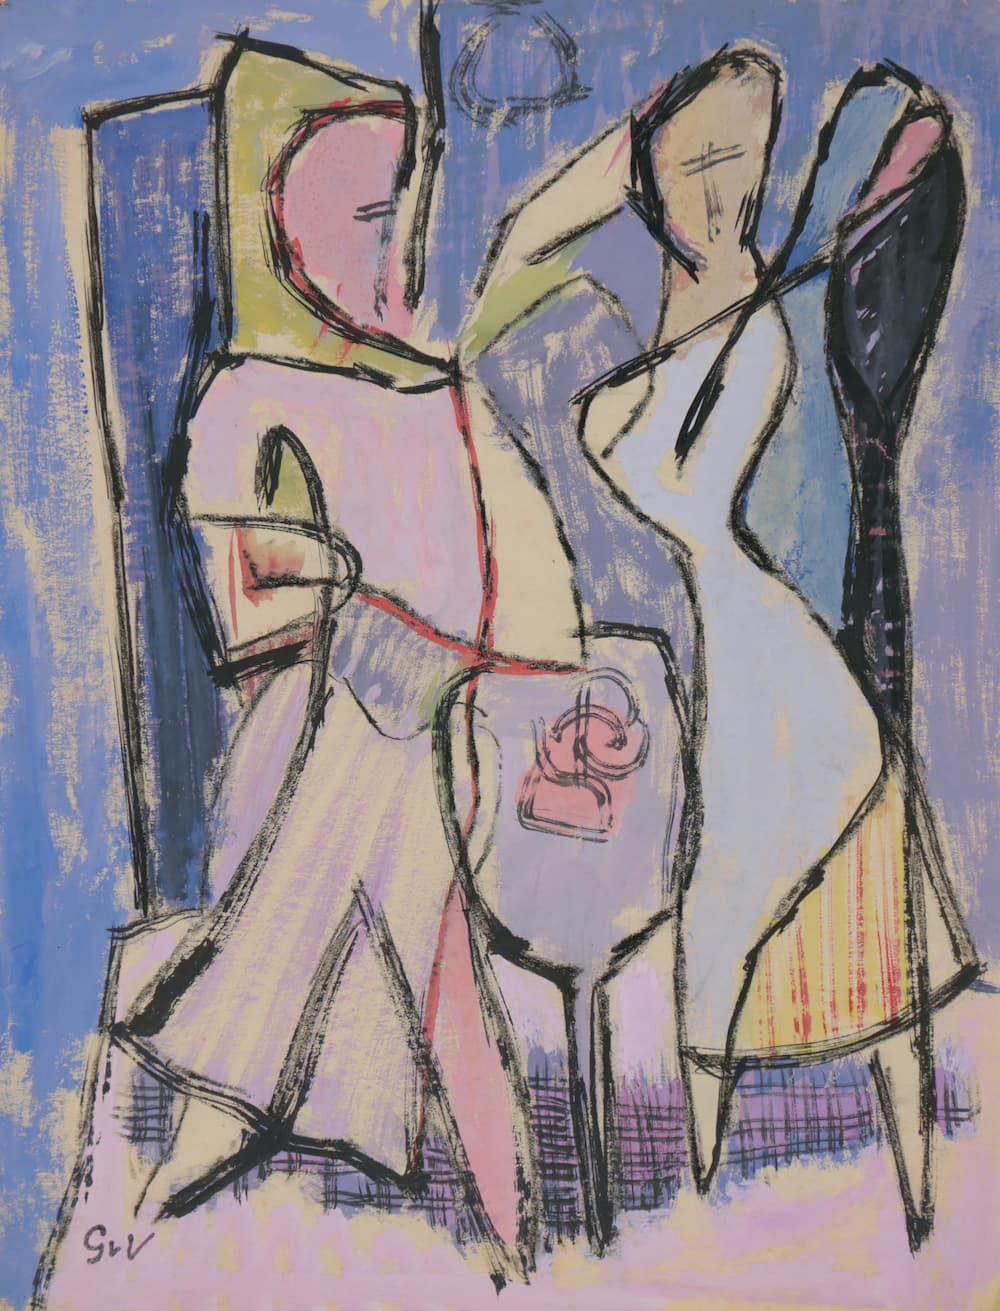 Geer van VELDE, L'essayage, C.1937, gouache, 27 x 21 cm